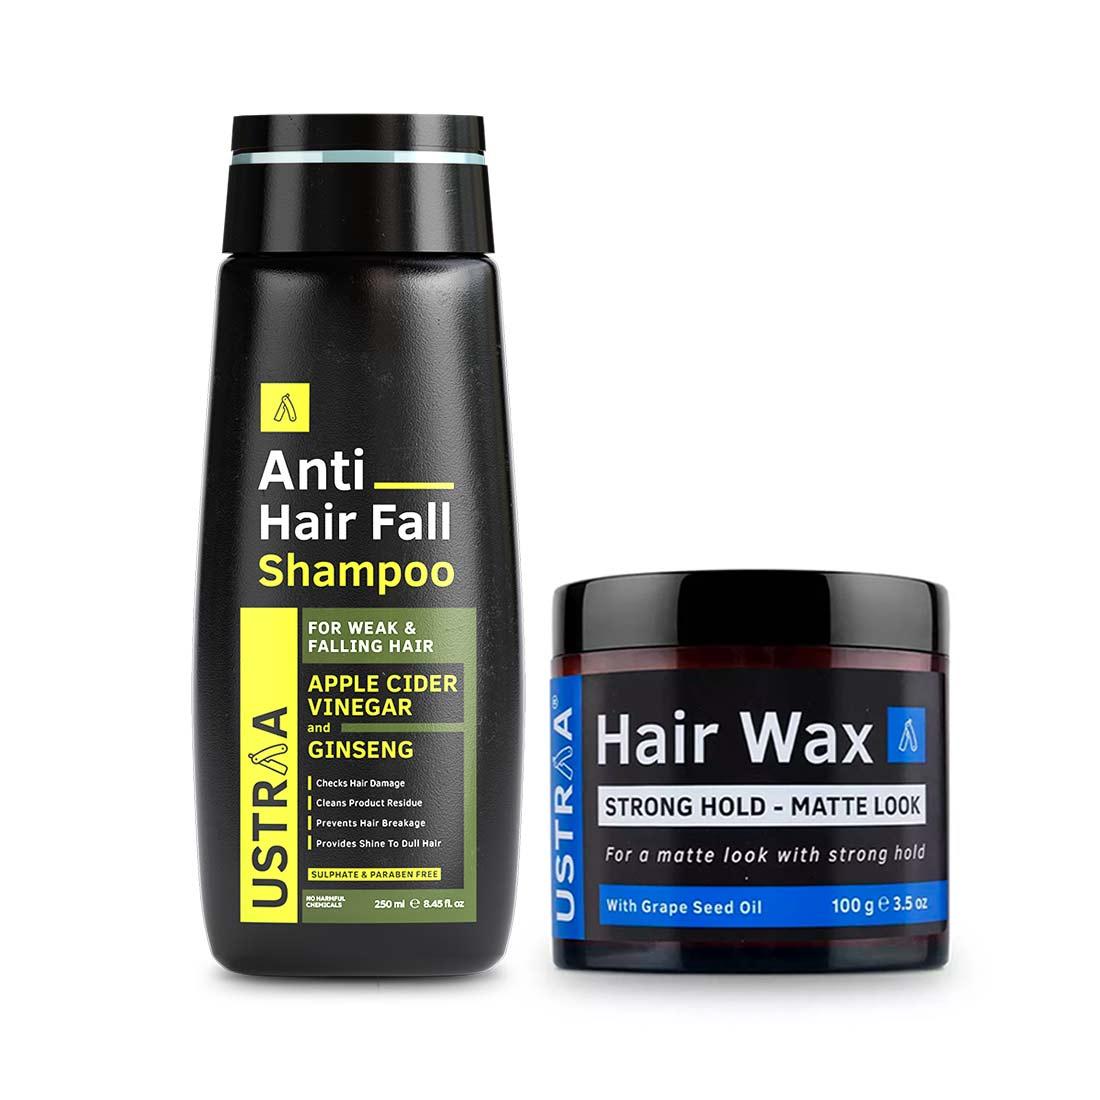 Ustraa | Ustraa Hair Wax Matte Look 100 g & Anti Hair Fall Shampoo 250 ml